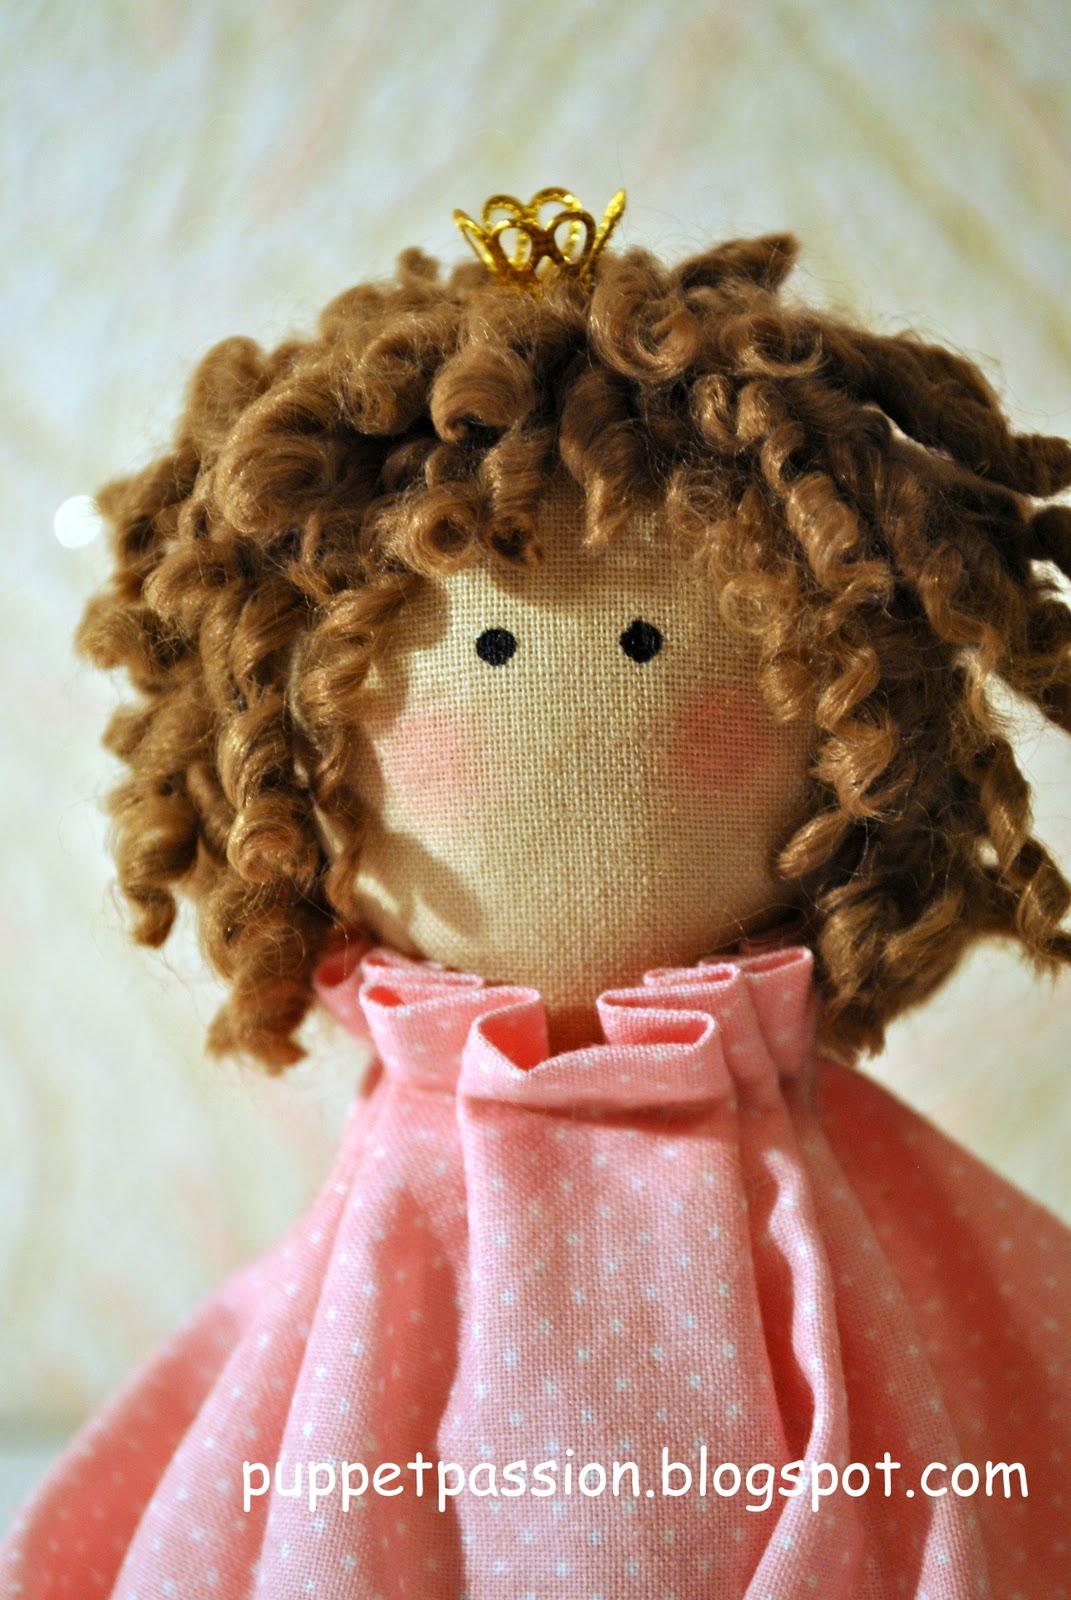 МК. Прически, волосы для кукол Записи в рубрике МК. Прически, волосы